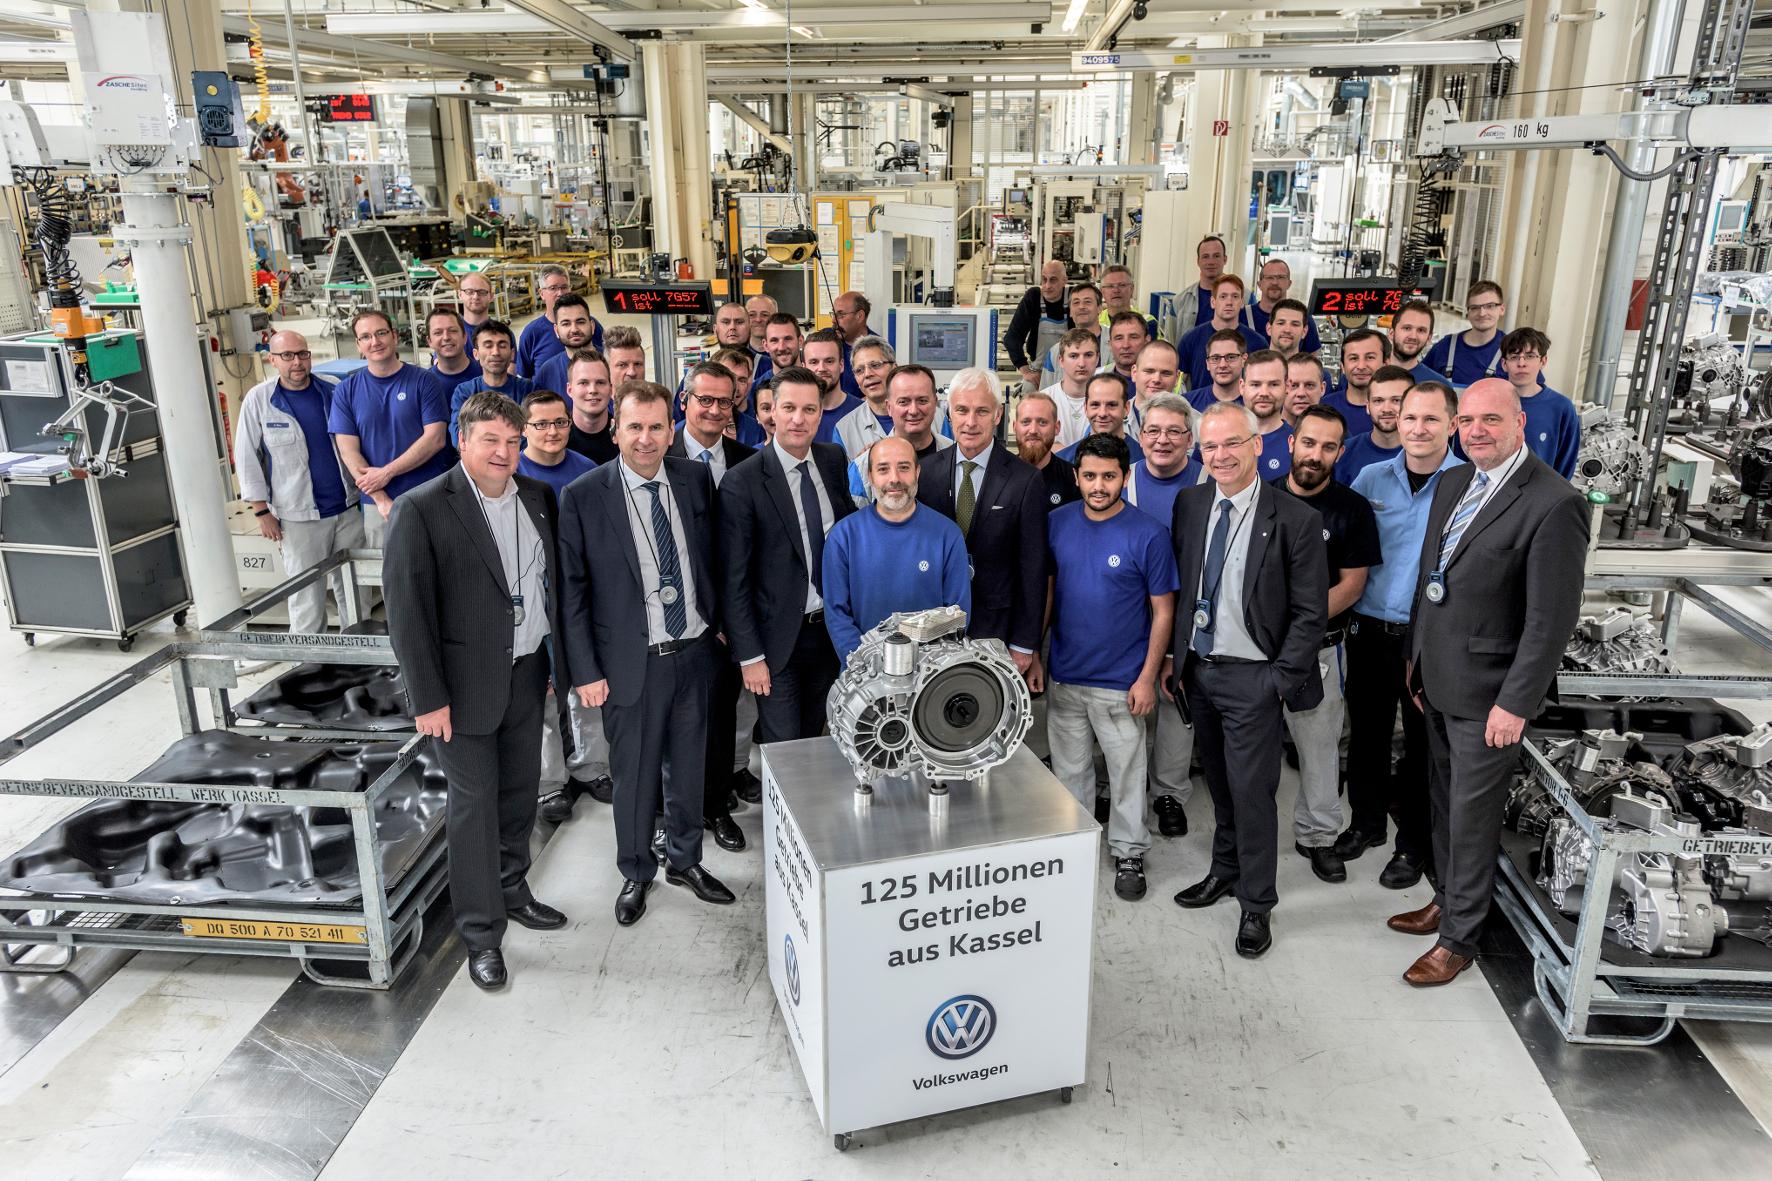 mid Groß-Gerau - Ein Grund zum Feiern: Im VW-Werk in Kassel wurde jetzt bereits das 125-millionste Getriebe produziert.